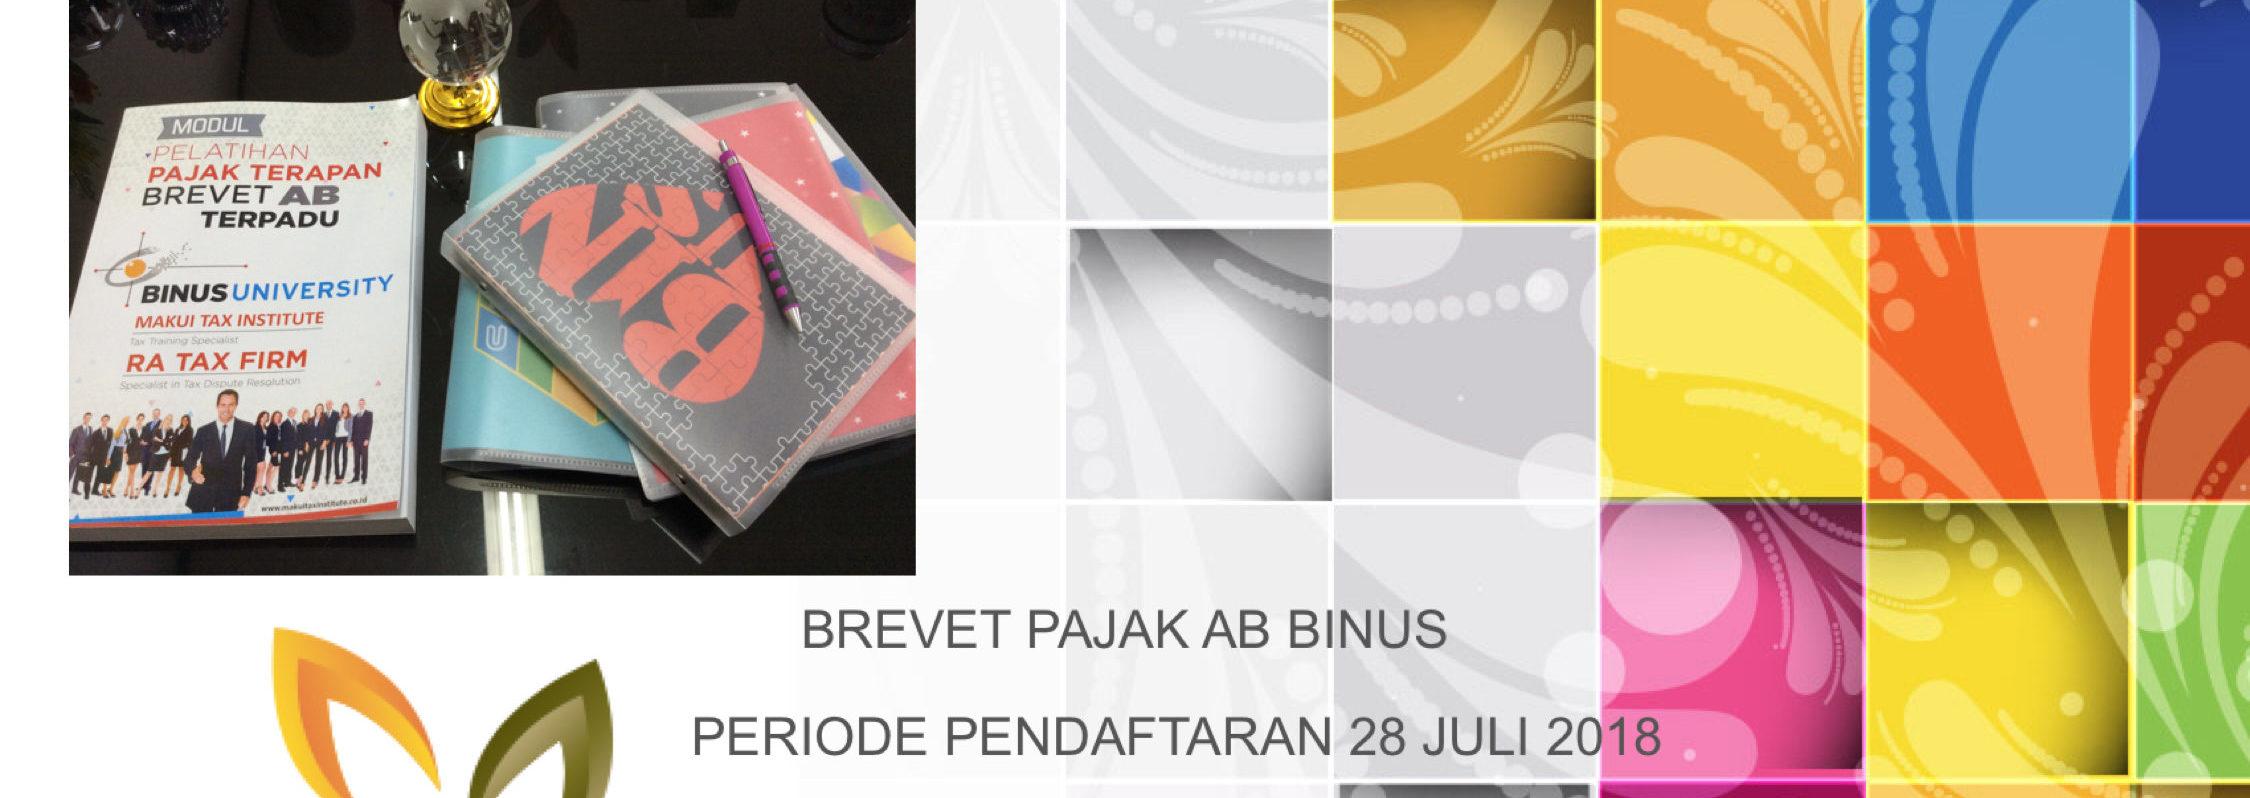 KURSUS BREVET AB PERIODE PENDAFTARAN 28 JULI 2018